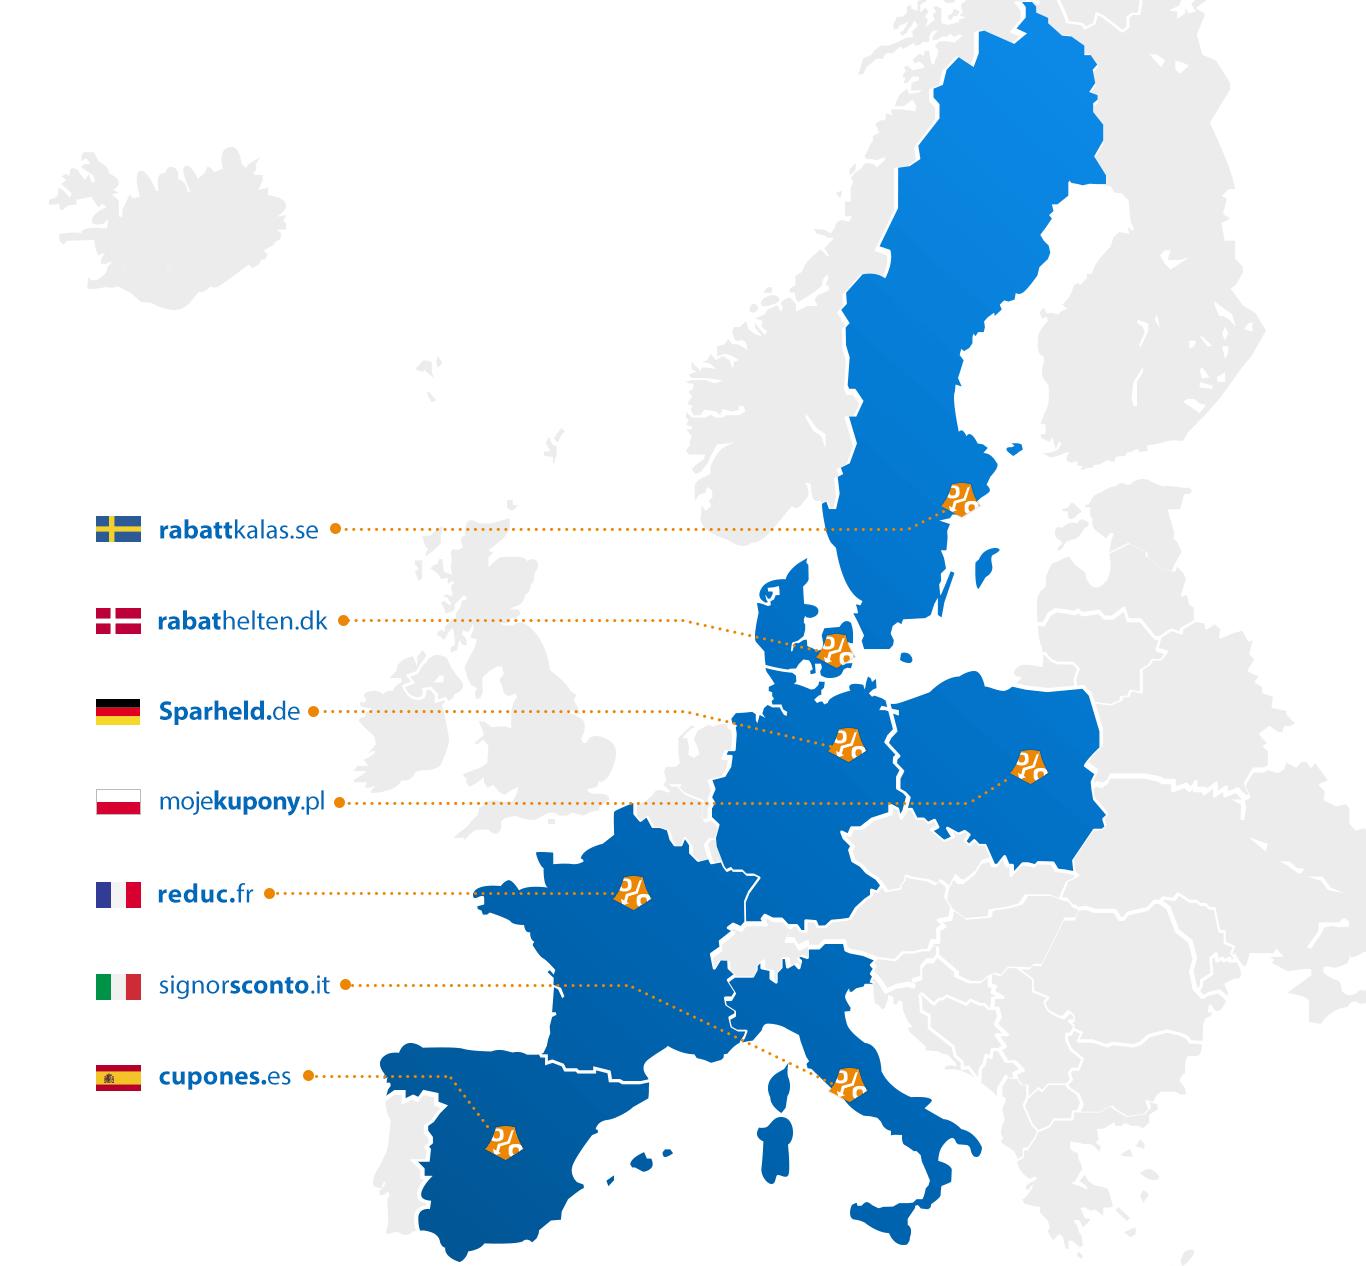 Aktywny w 7 krajach w Europie